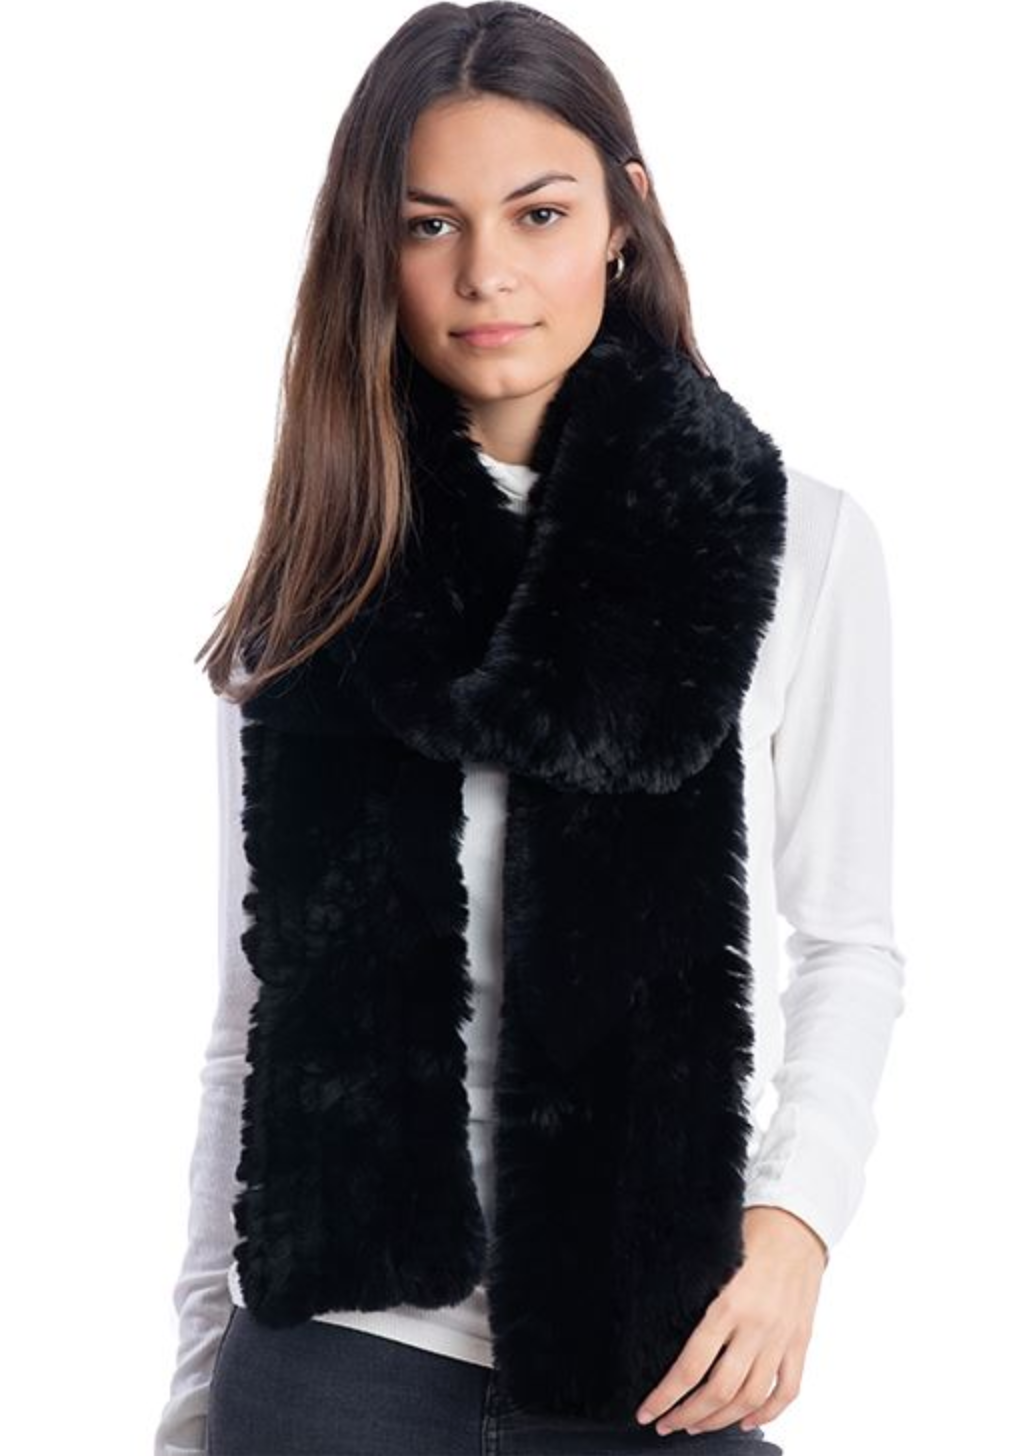 Fab Fur Knit Fur Infinity Scarf - Black